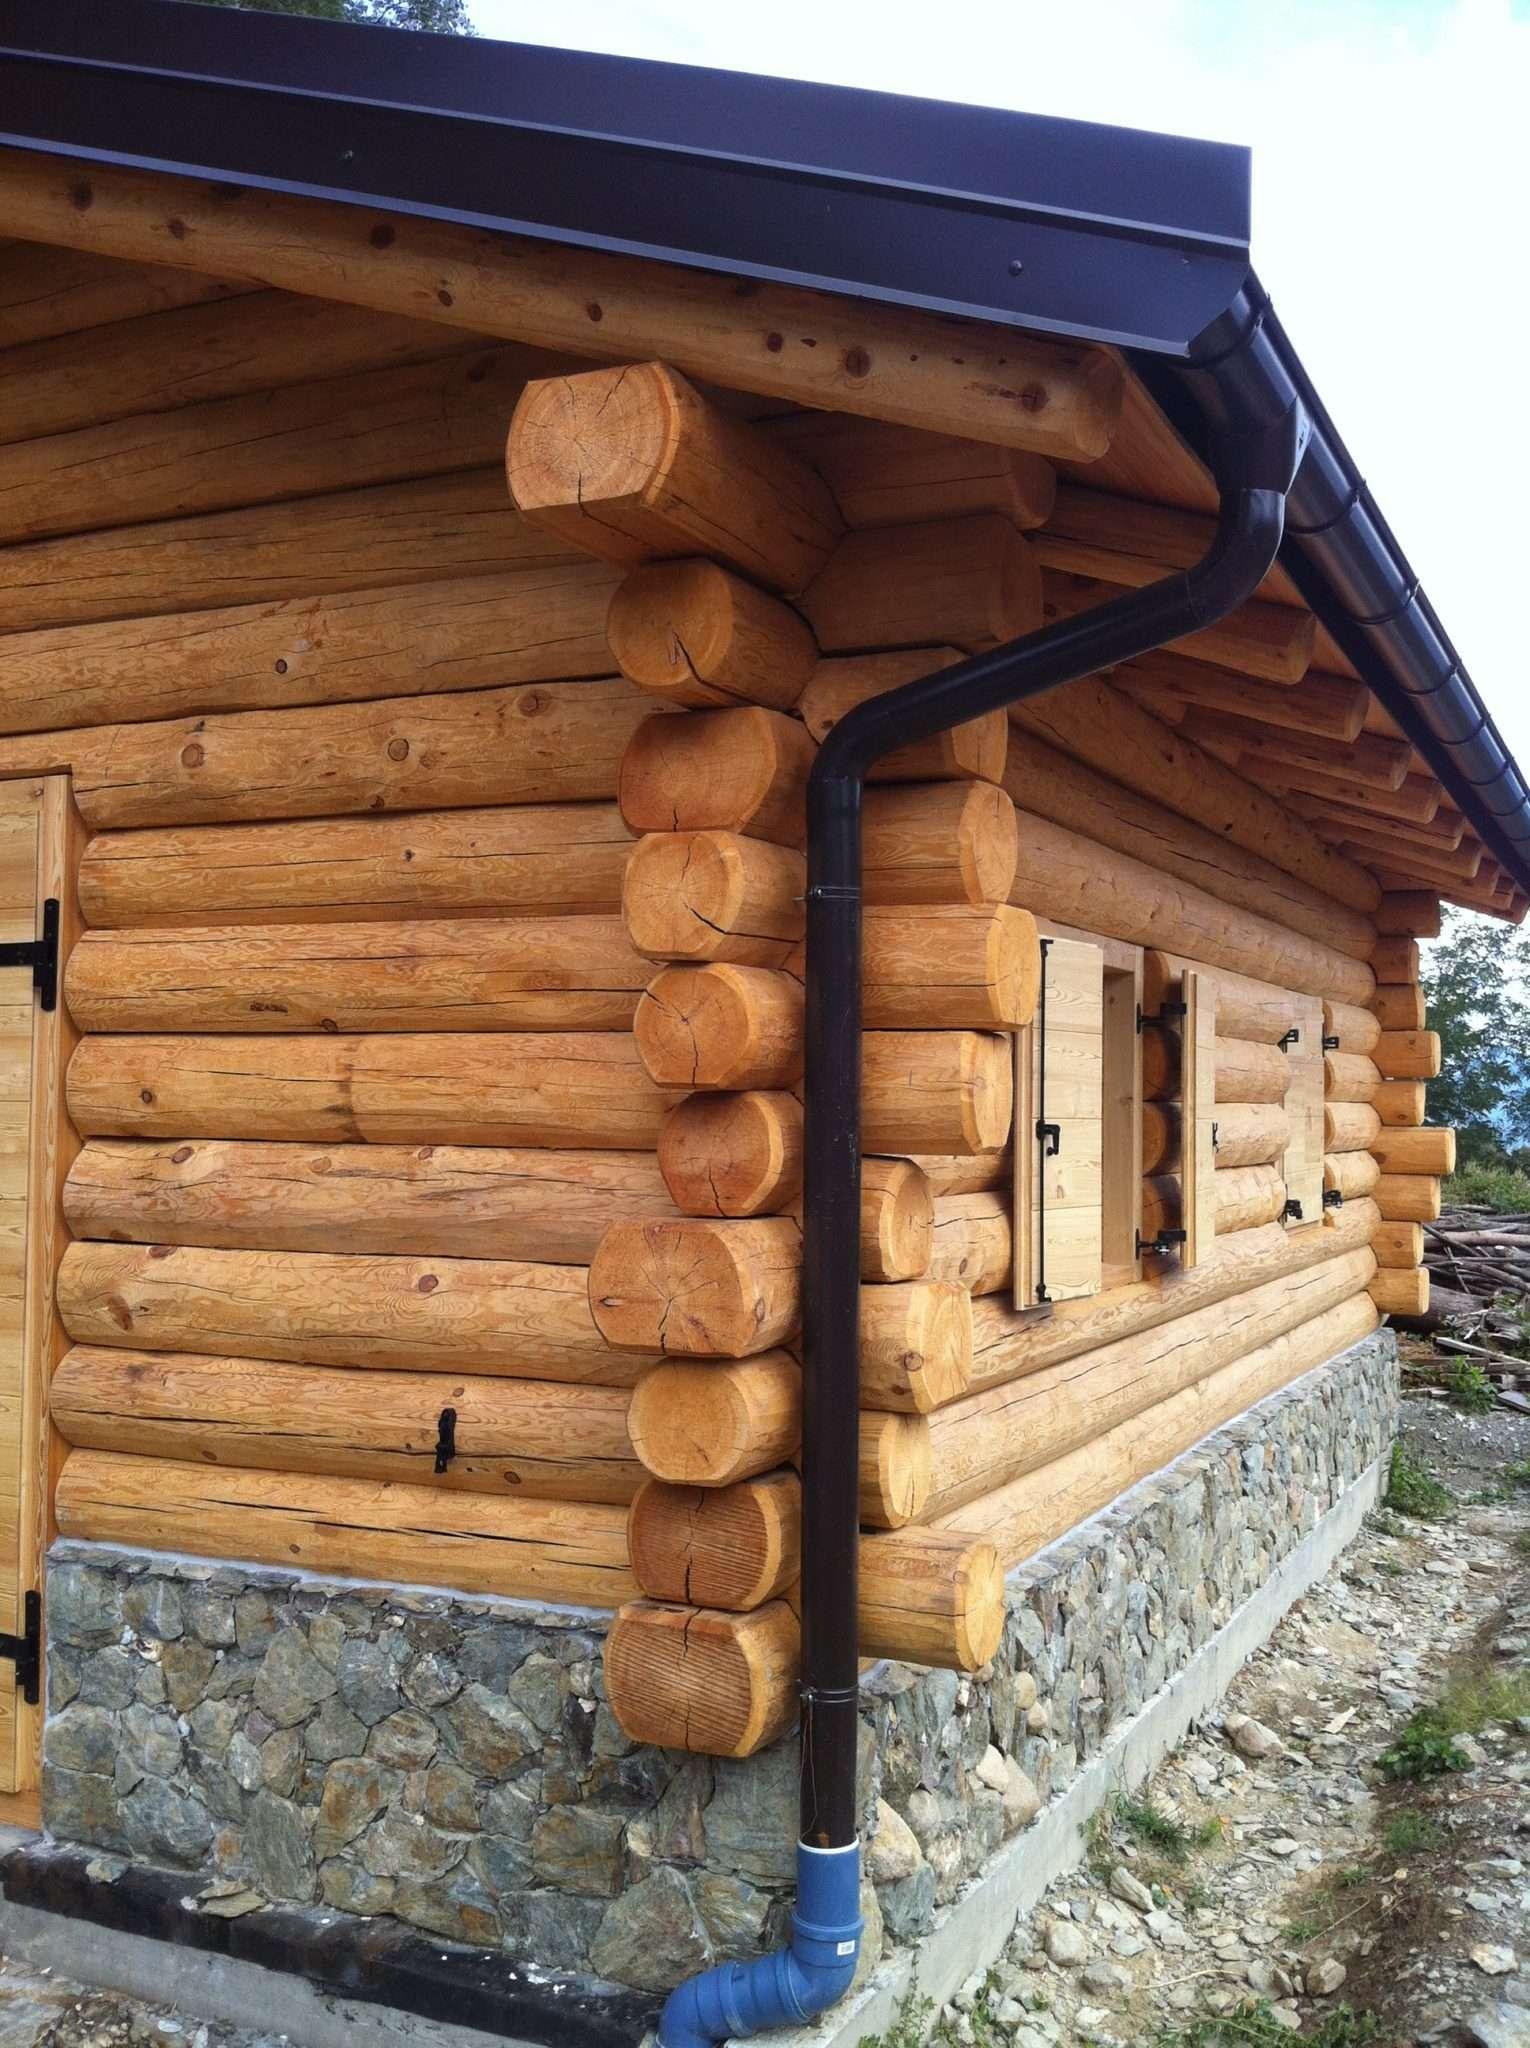 Casa in tronchi incastrati case in legno e falegnameria for Case di tronchi con planimetrie seminterrato